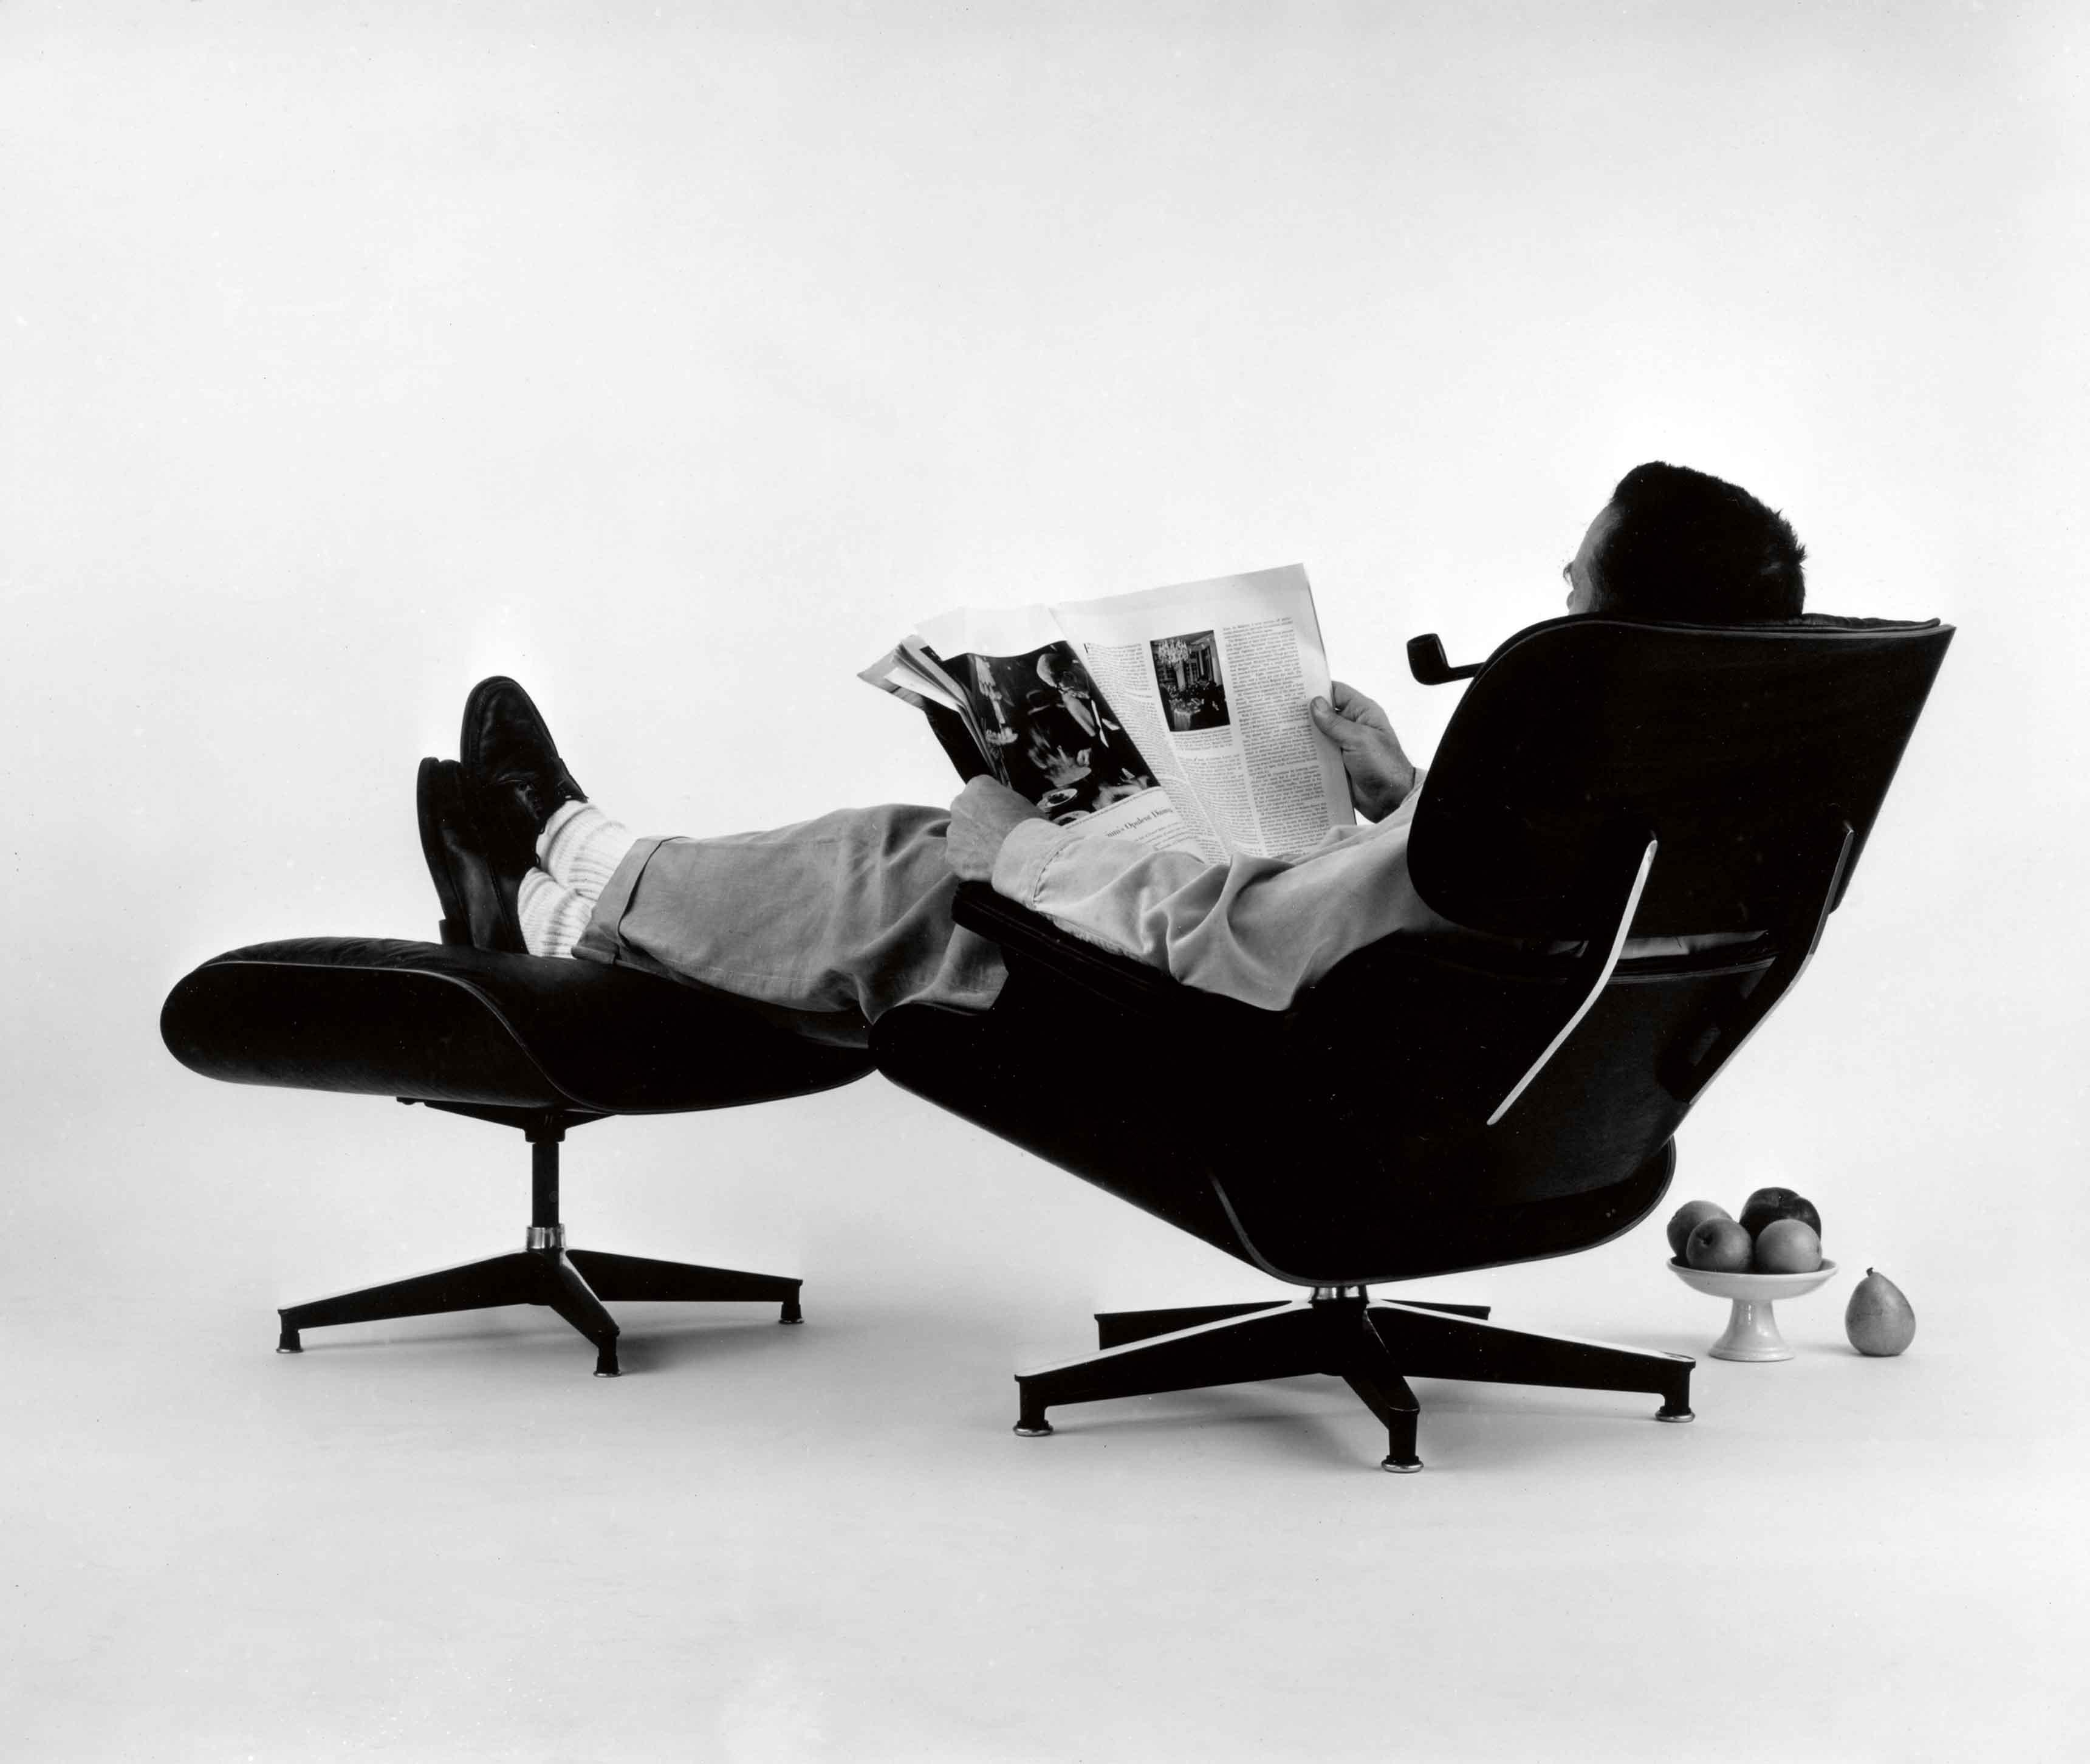 Charles Eames allongé sur la célèbre Lounge Chair & Ottoman du duo. Photo réalisée pour une publicité (1956).